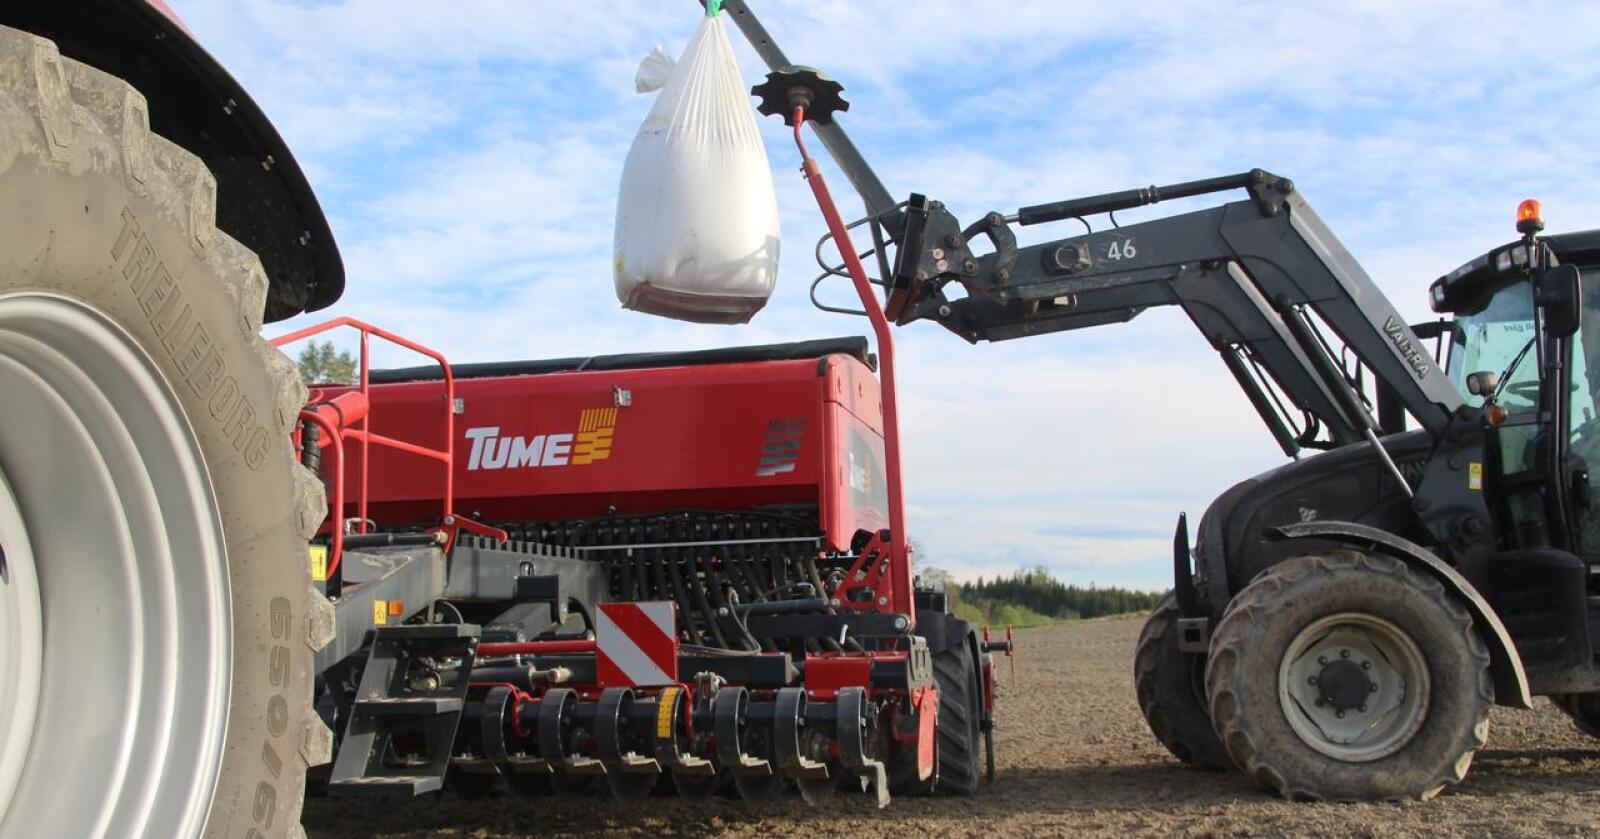 KUTTER: Produksjon av nitrogen til kunstgjødsel er en storforbruker av naturgass og nå er prisene på naturgass så høye i Europa at flere selskaper må kutte produksjonen.